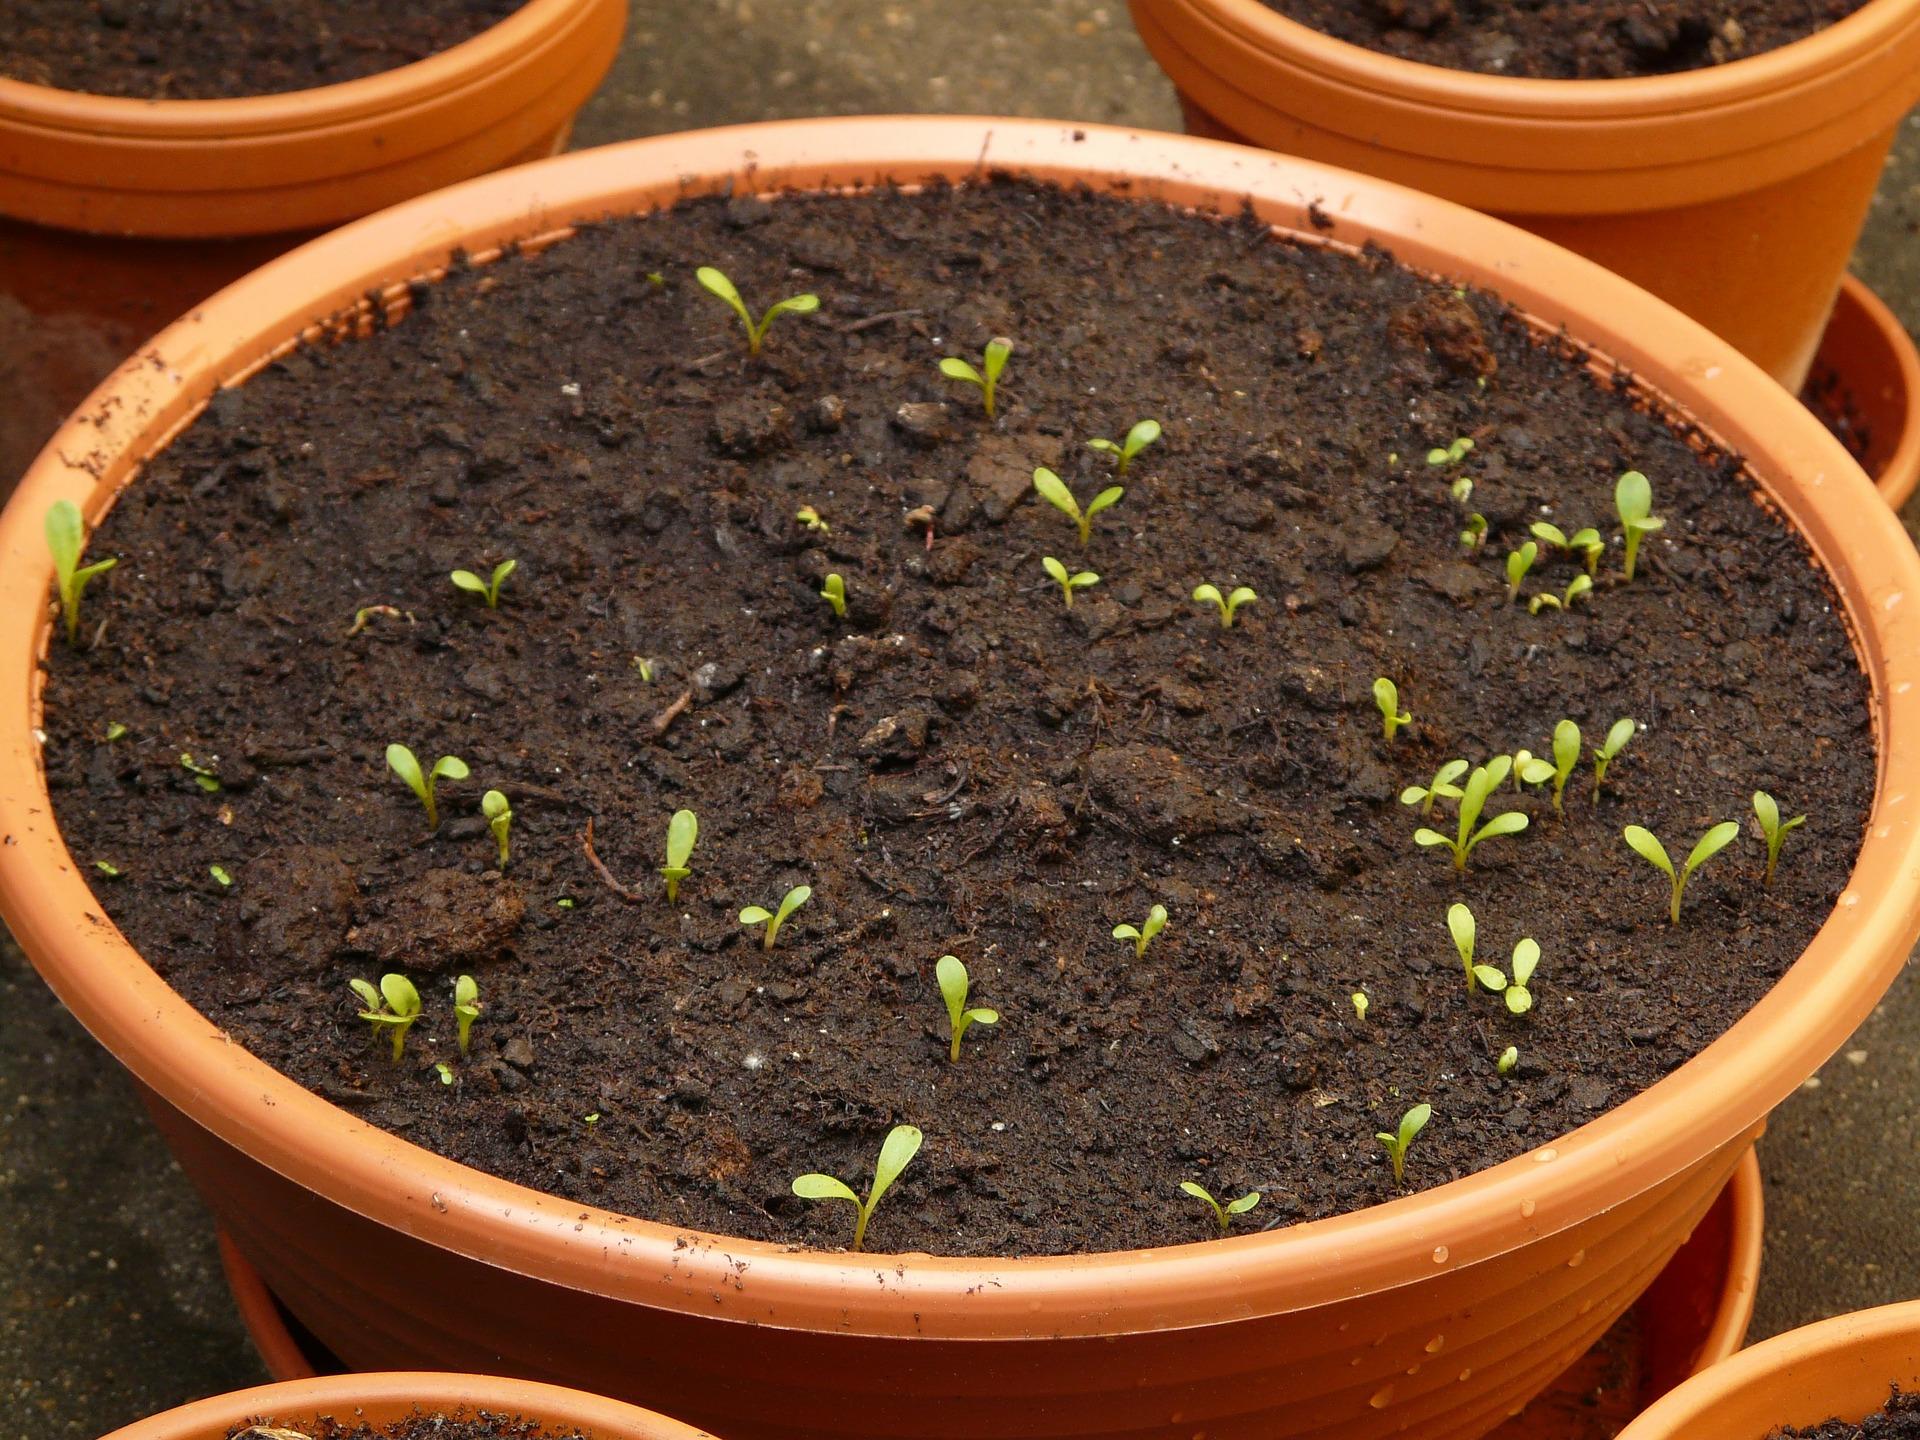 Podłoże do wysiewu nasion Zielona Oaza producent